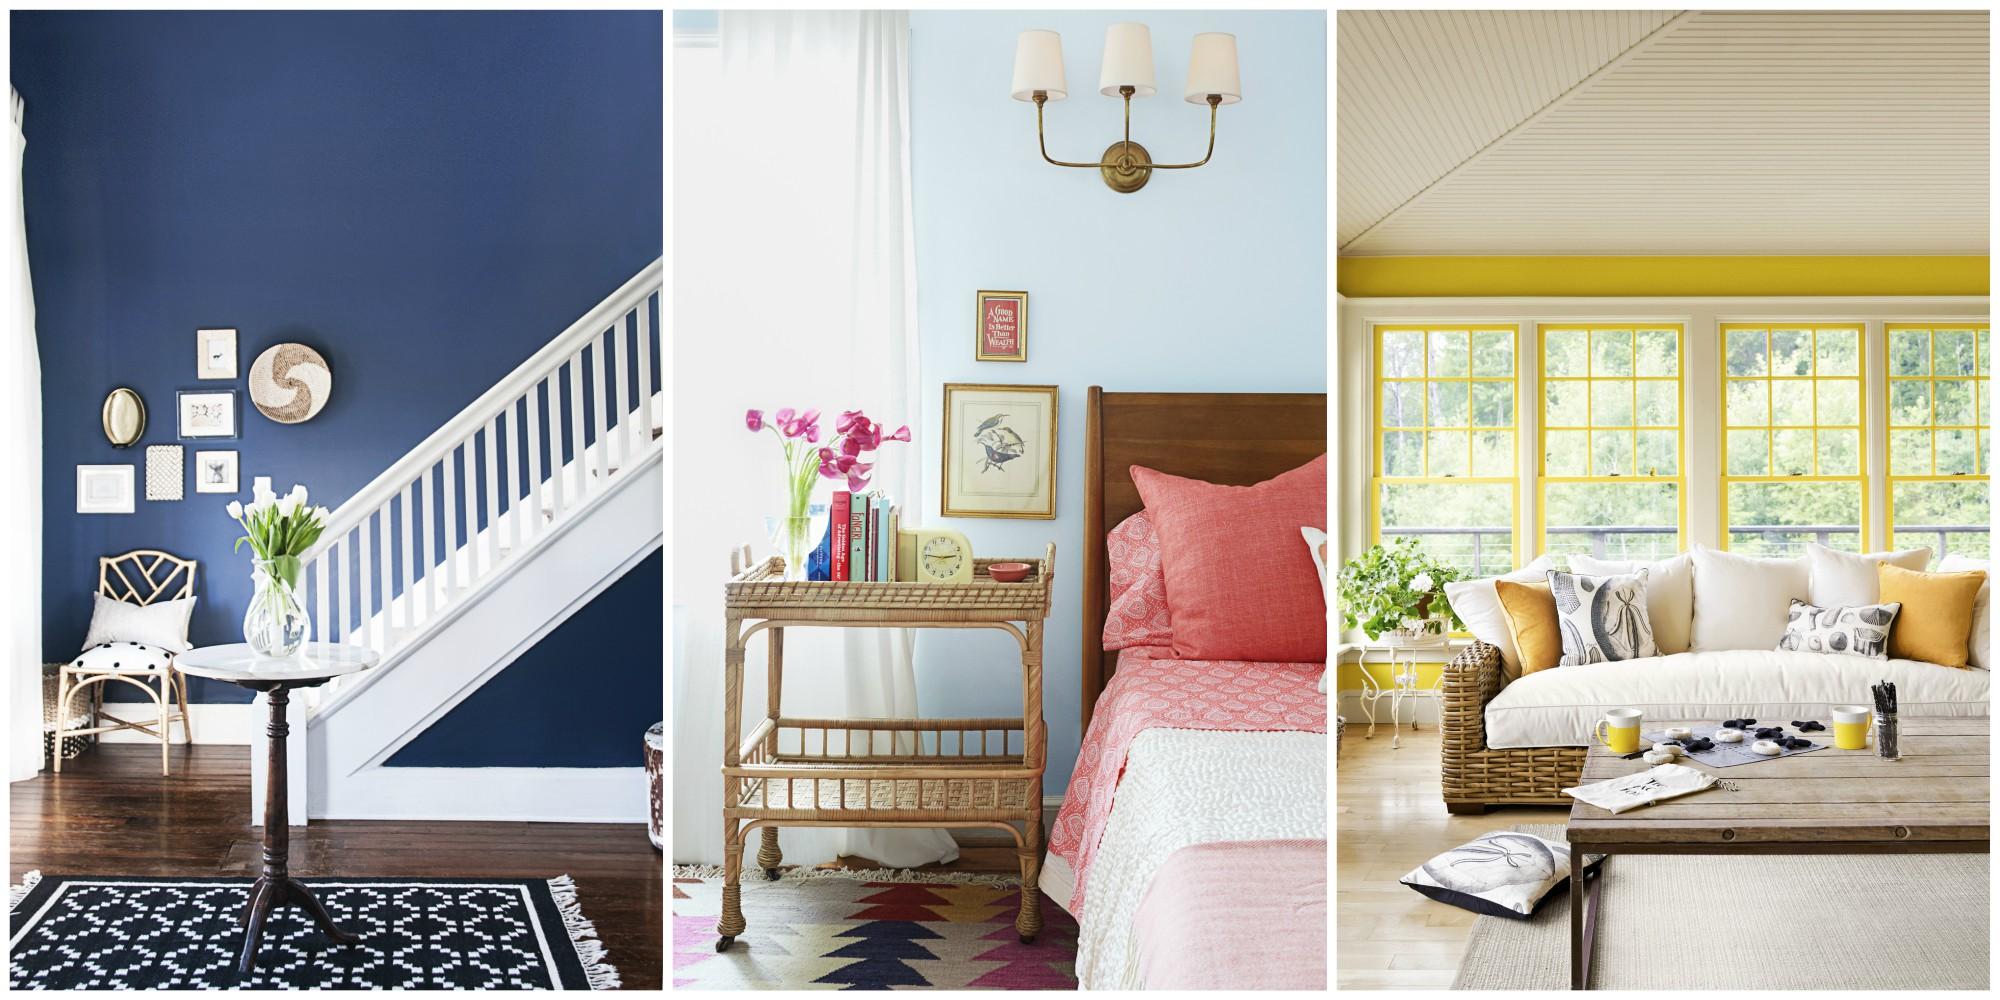 12 Best Interior Paint Colors